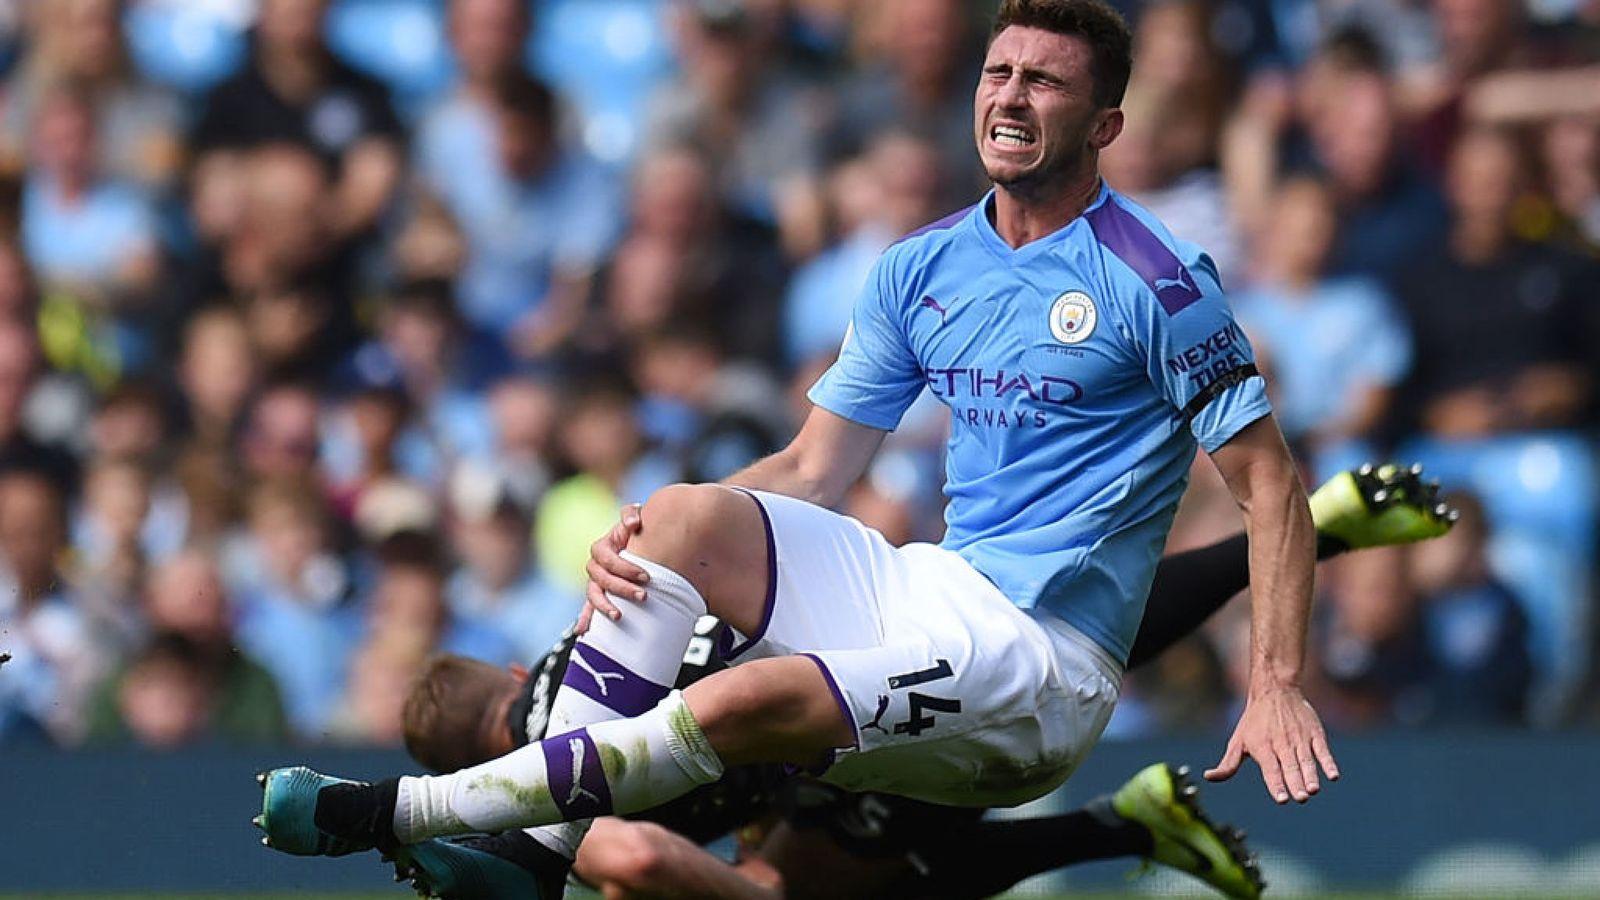 Hàng thủ kém cỏi, Man City đã sai lầm khi không mua Harry Maguire? - Bóng Đá